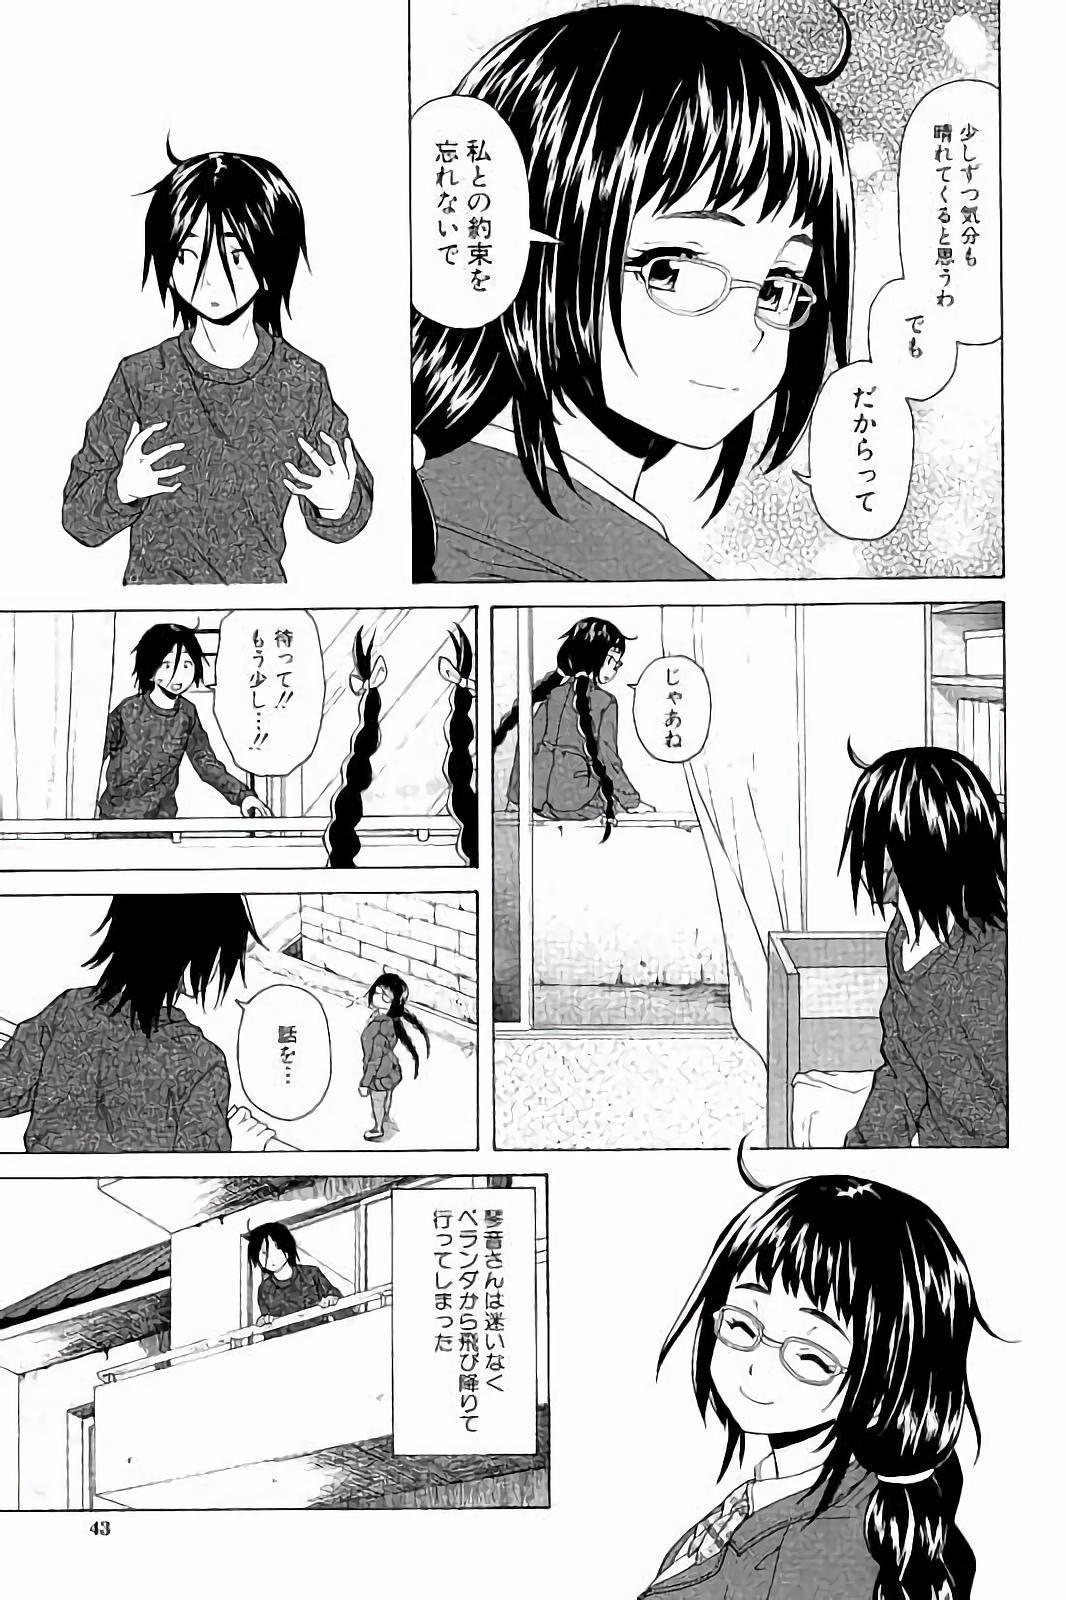 Ane no Himitsu To Boku no Jisatsu 40